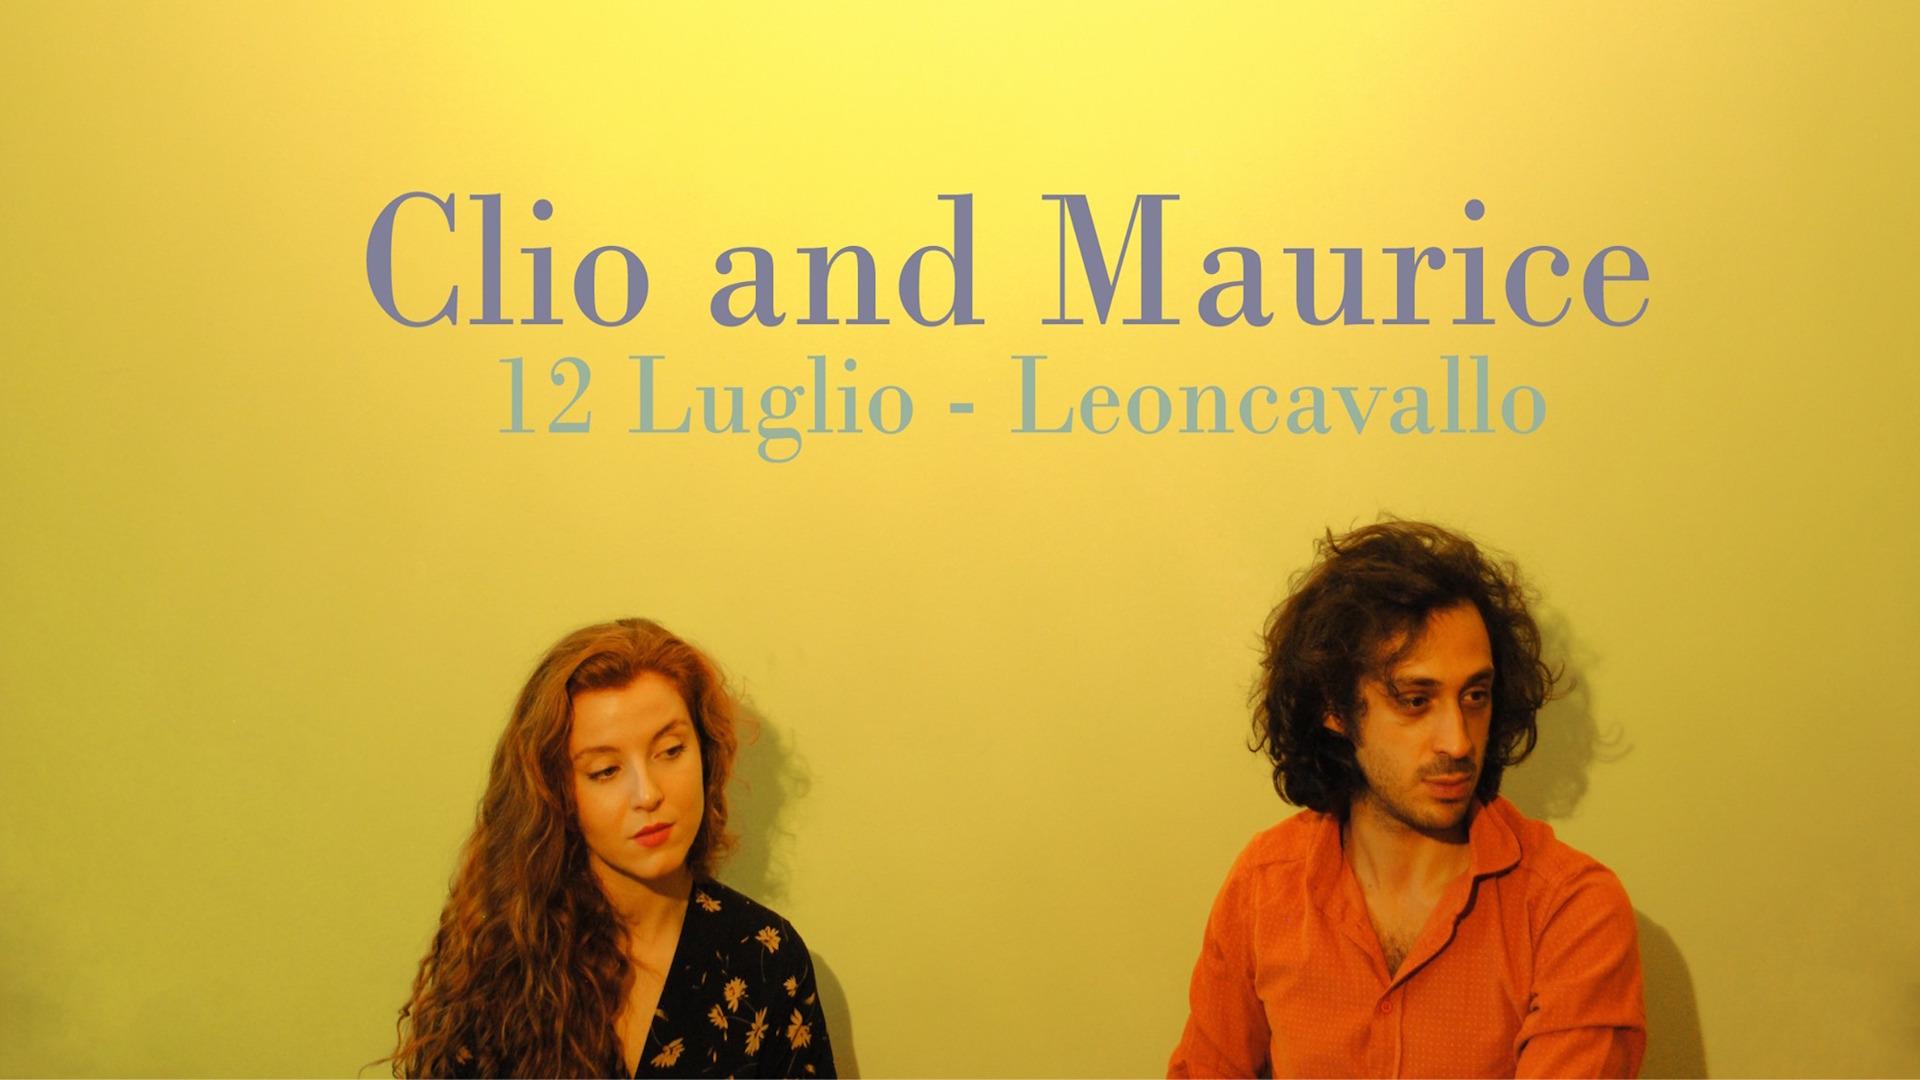 Clio and Maurice - Una domenica in cortile